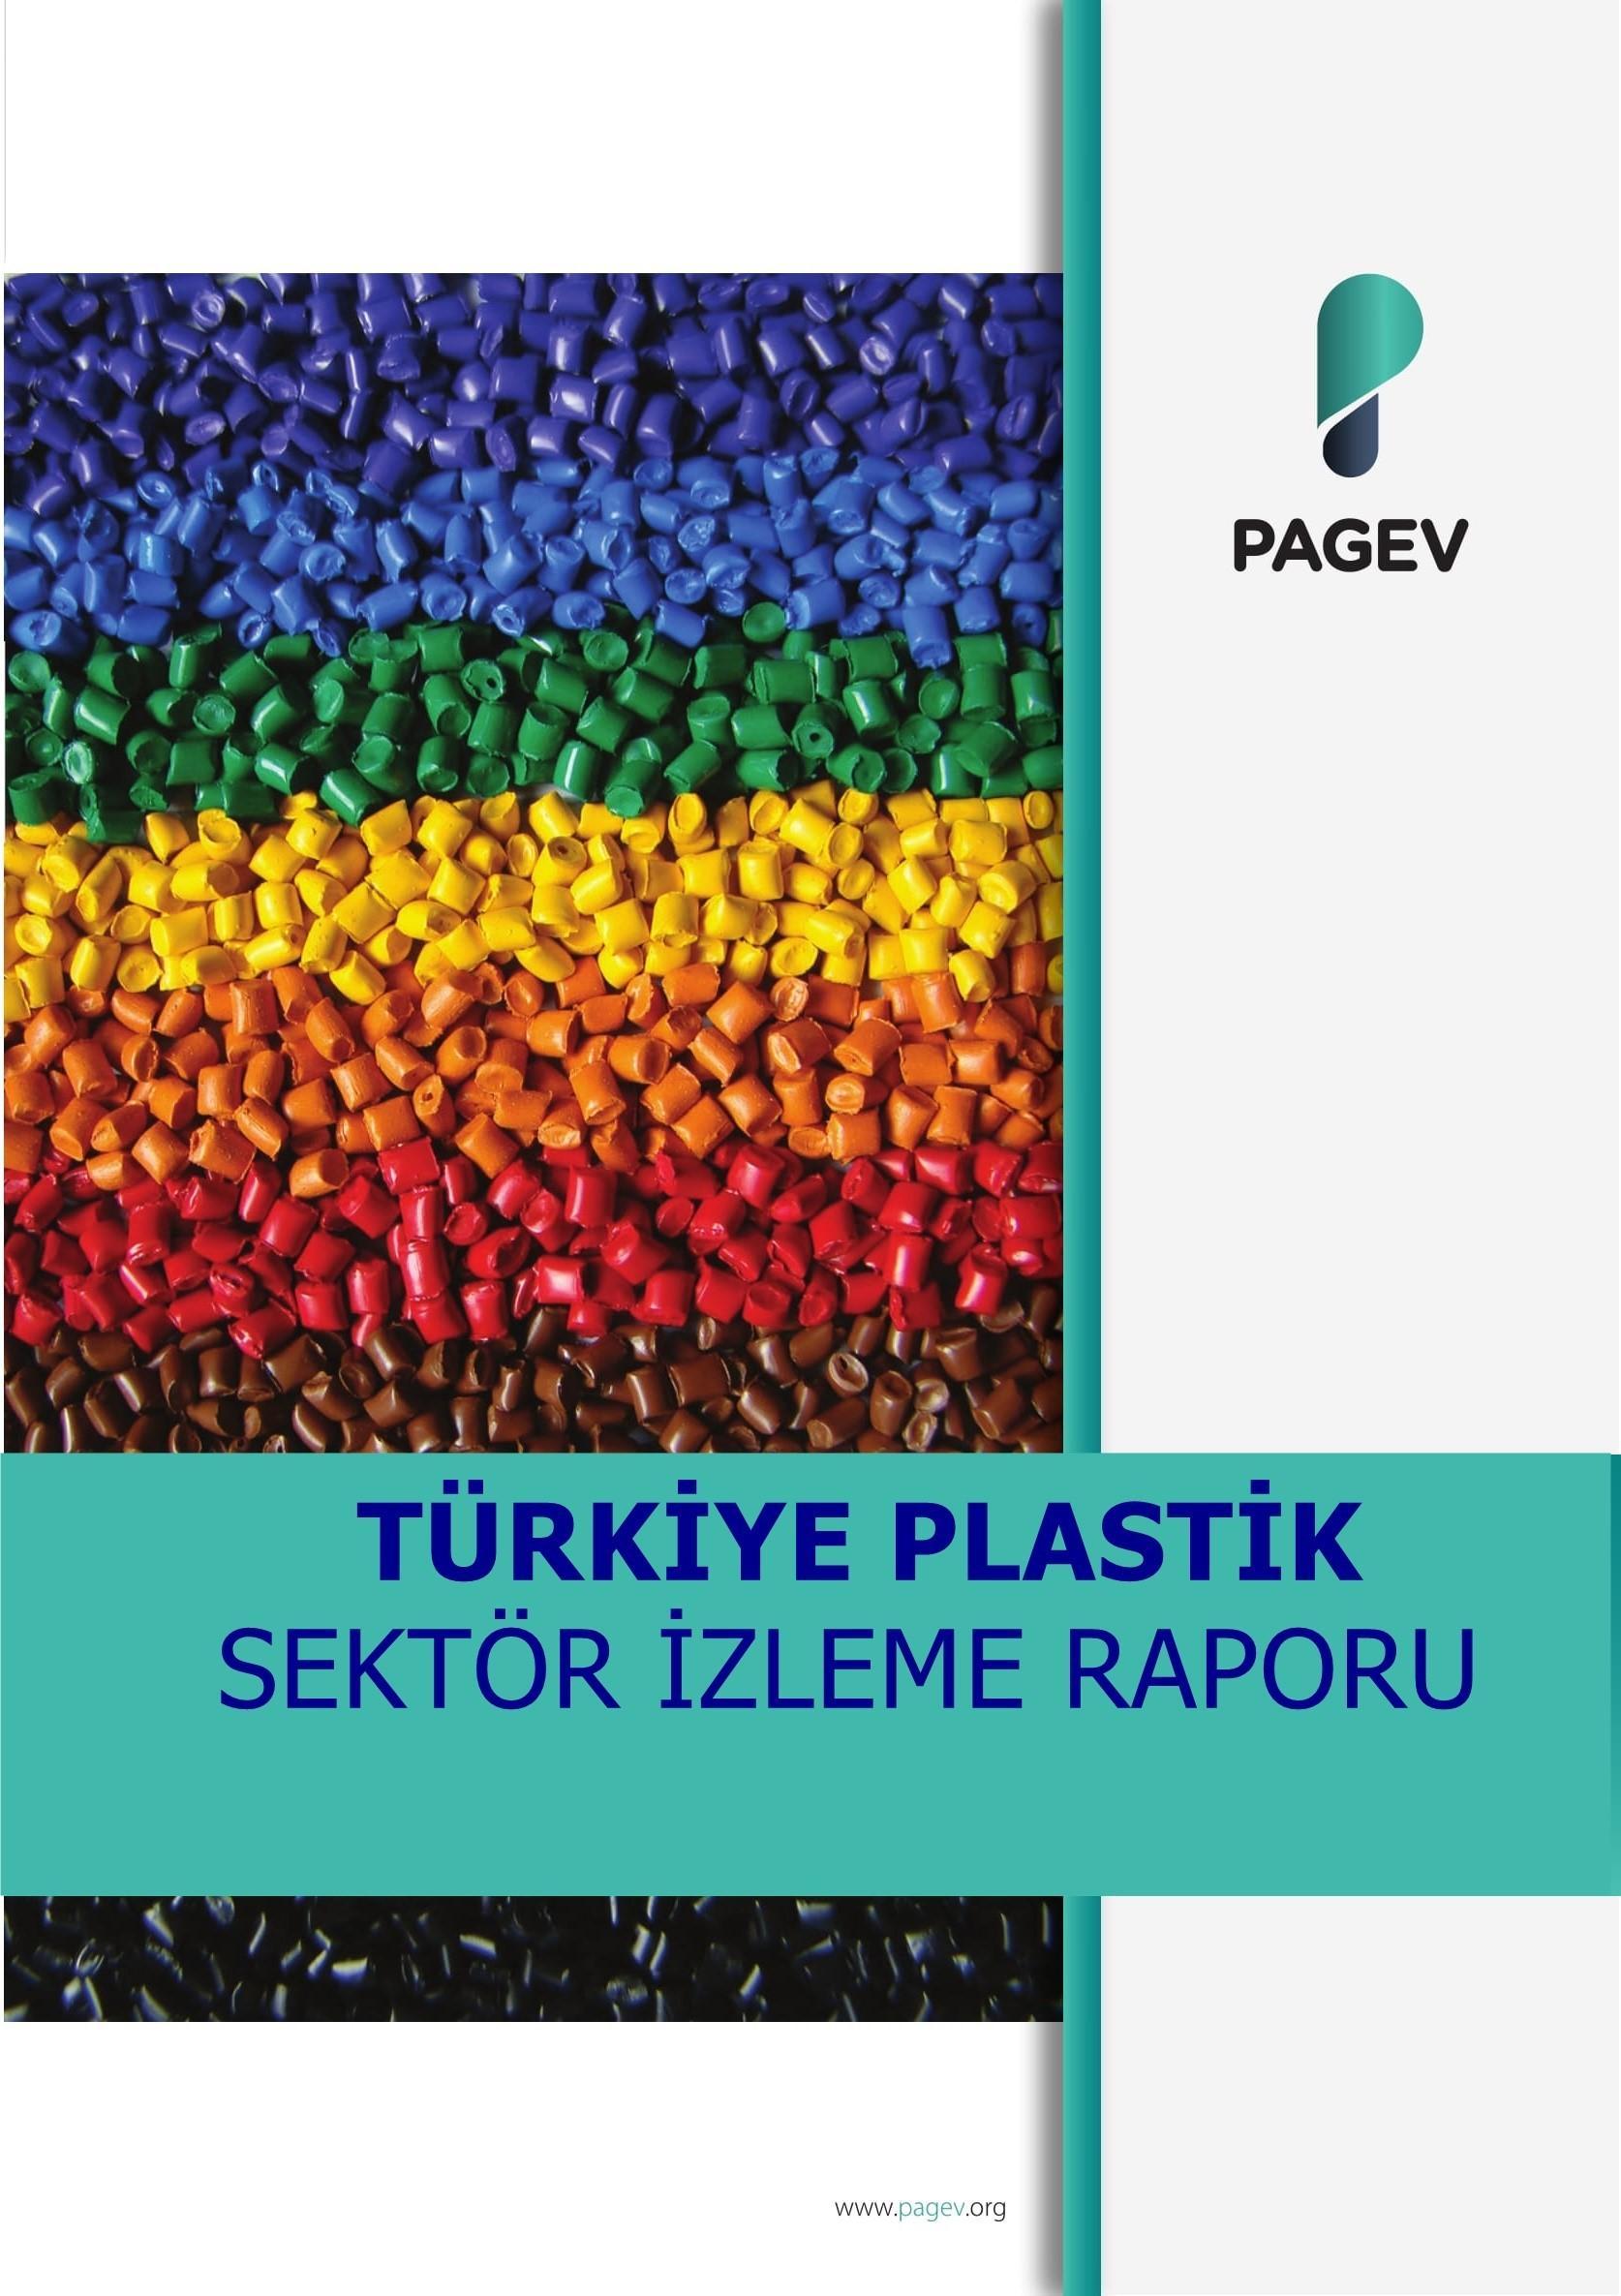 Türkiye Plastik Sektör İzleme Raporu 2019/3